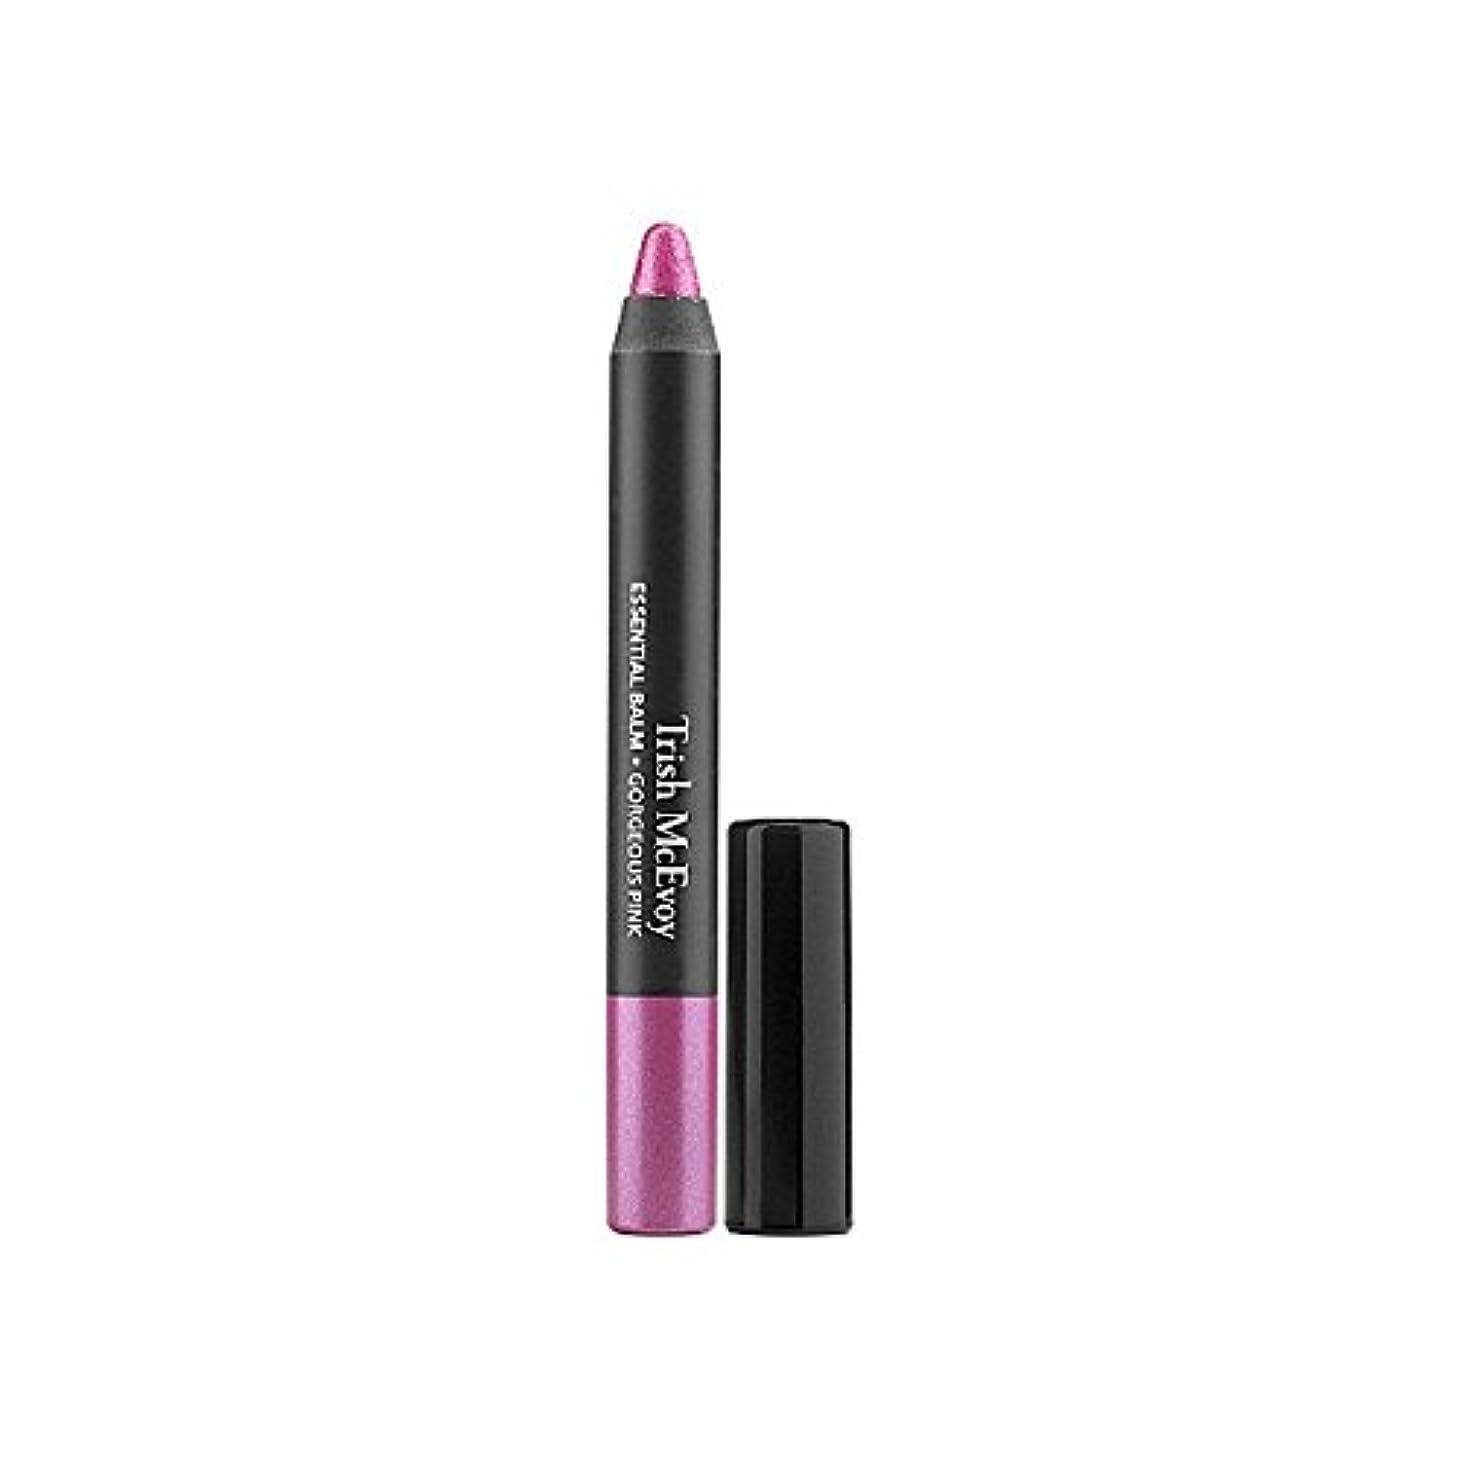 浪費パフ検査トリッシュ?マクエボイ不可欠バーム - 華やかなピンク x4 - Trish Mcevoy Essential Balm - Gorgeous Pink (Pack of 4) [並行輸入品]